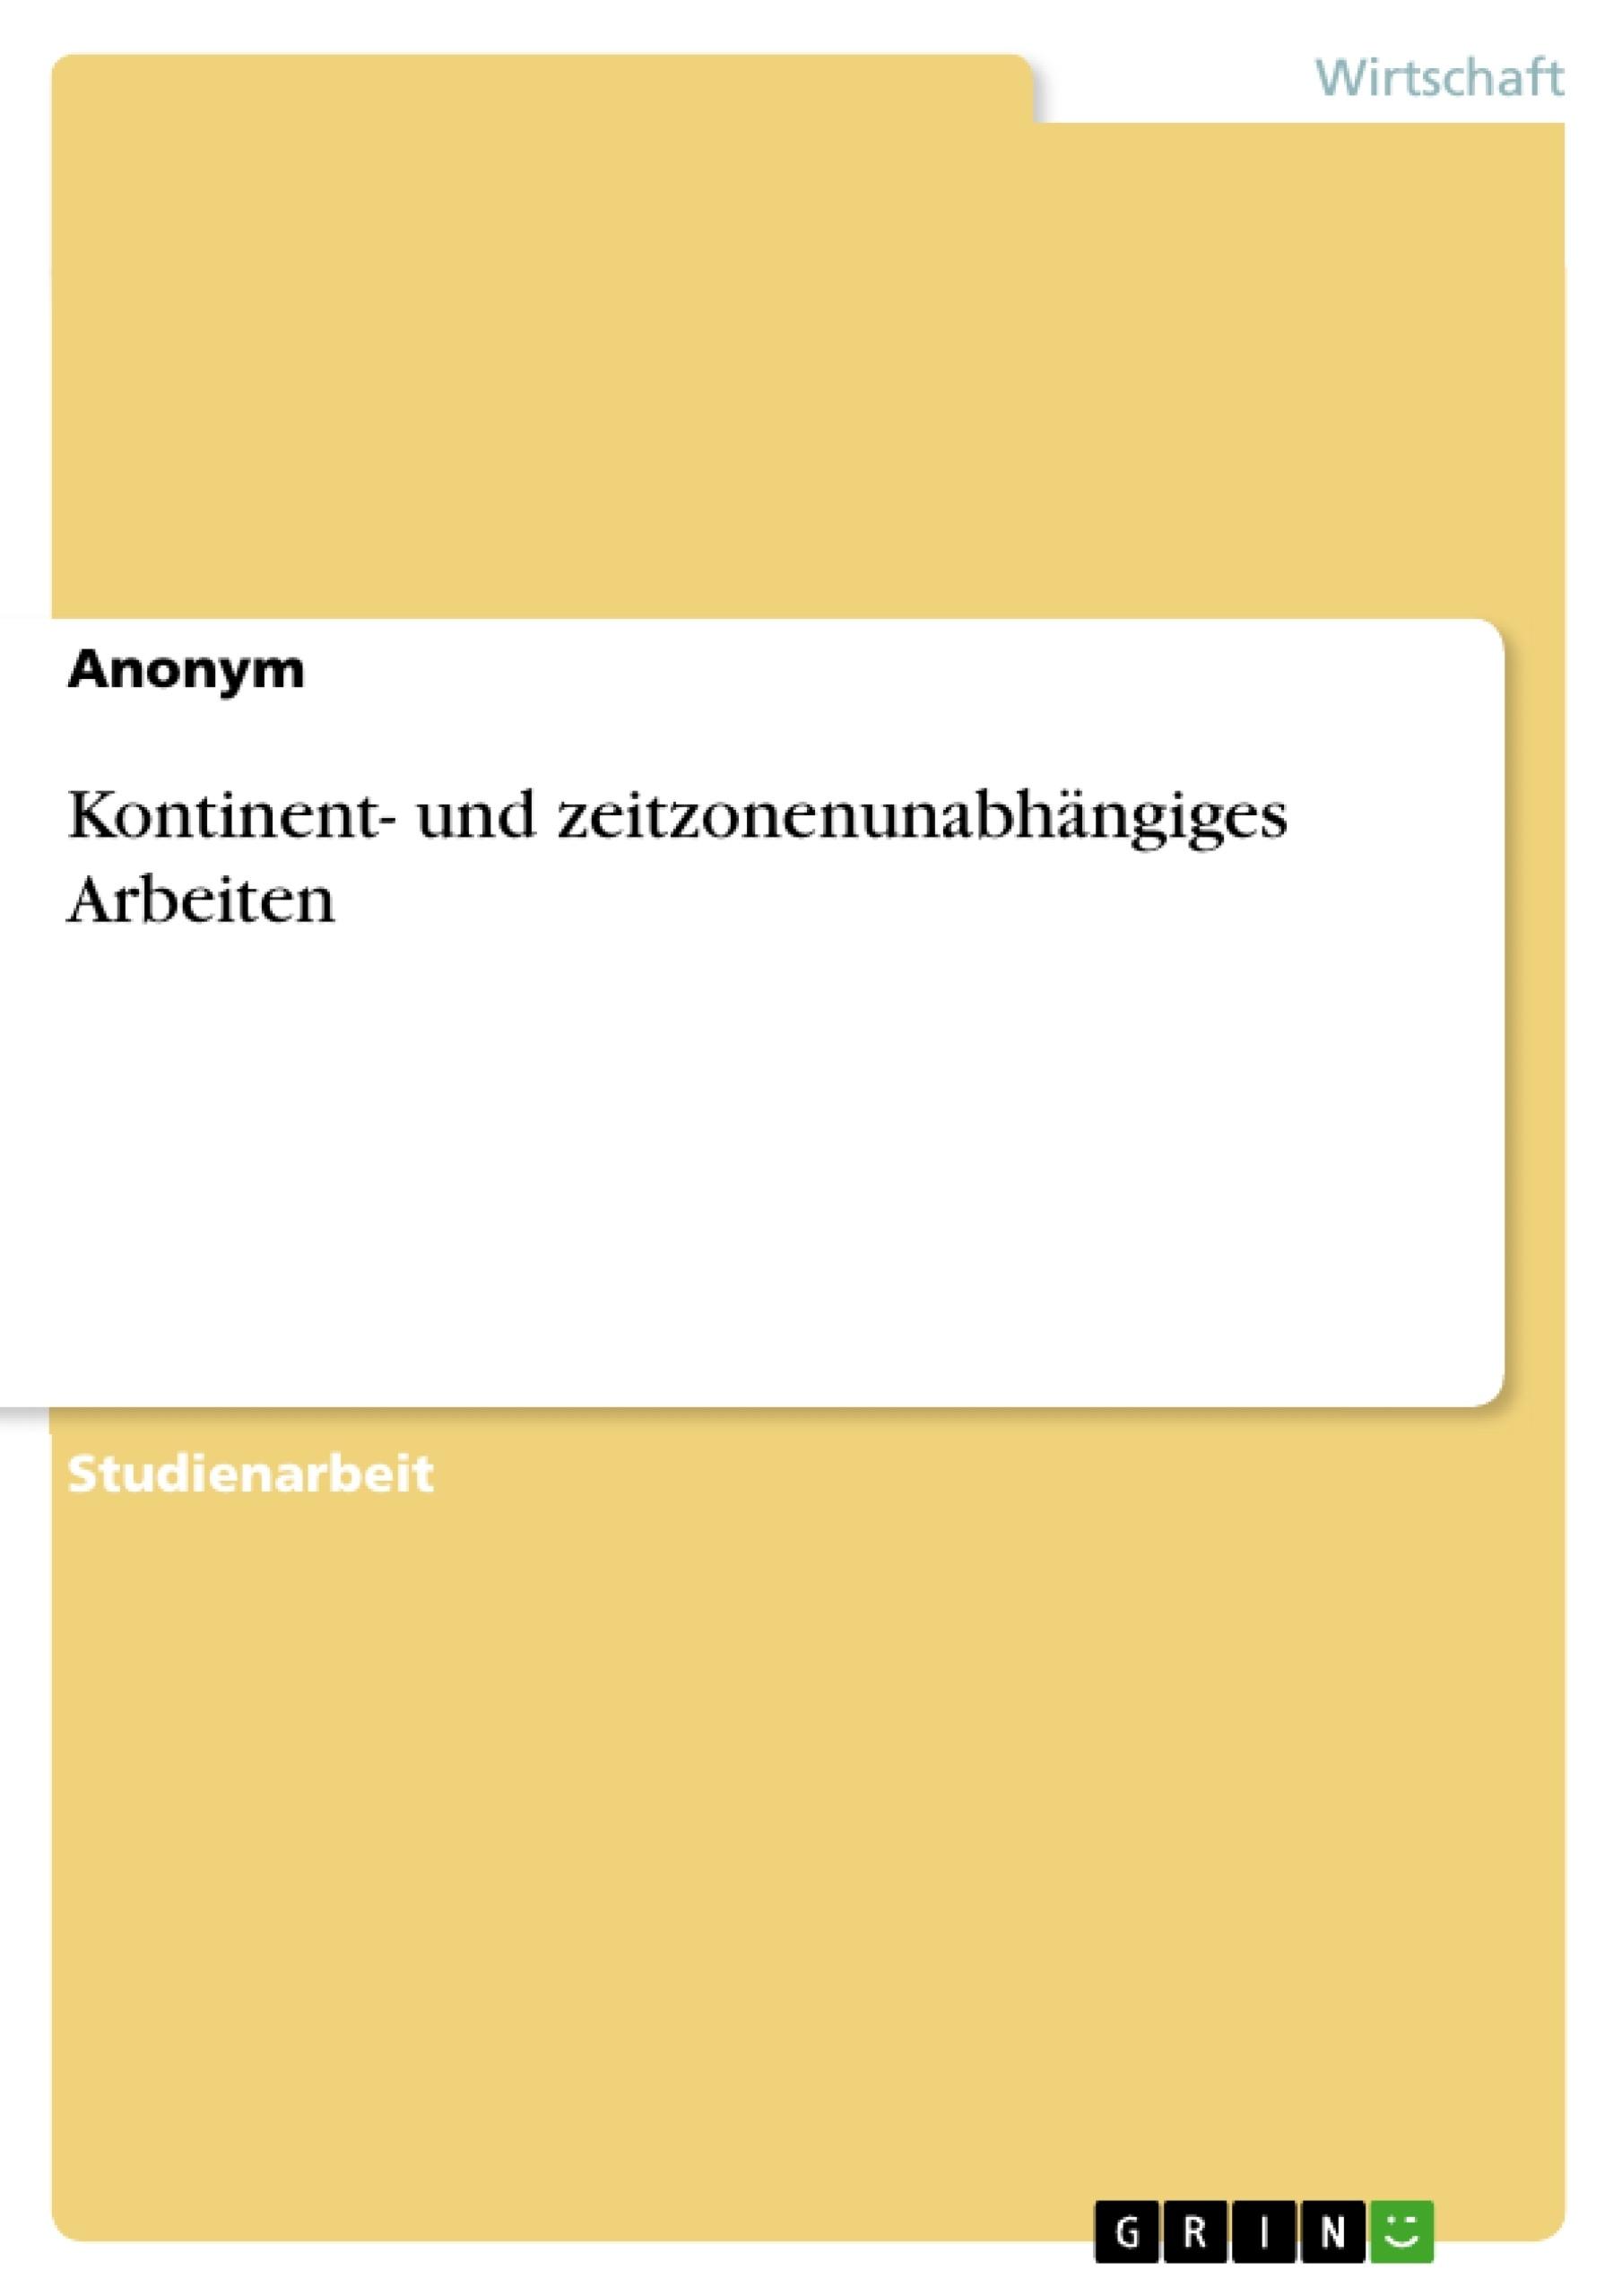 Titel: Kontinent- und zeitzonenunabhängiges Arbeiten